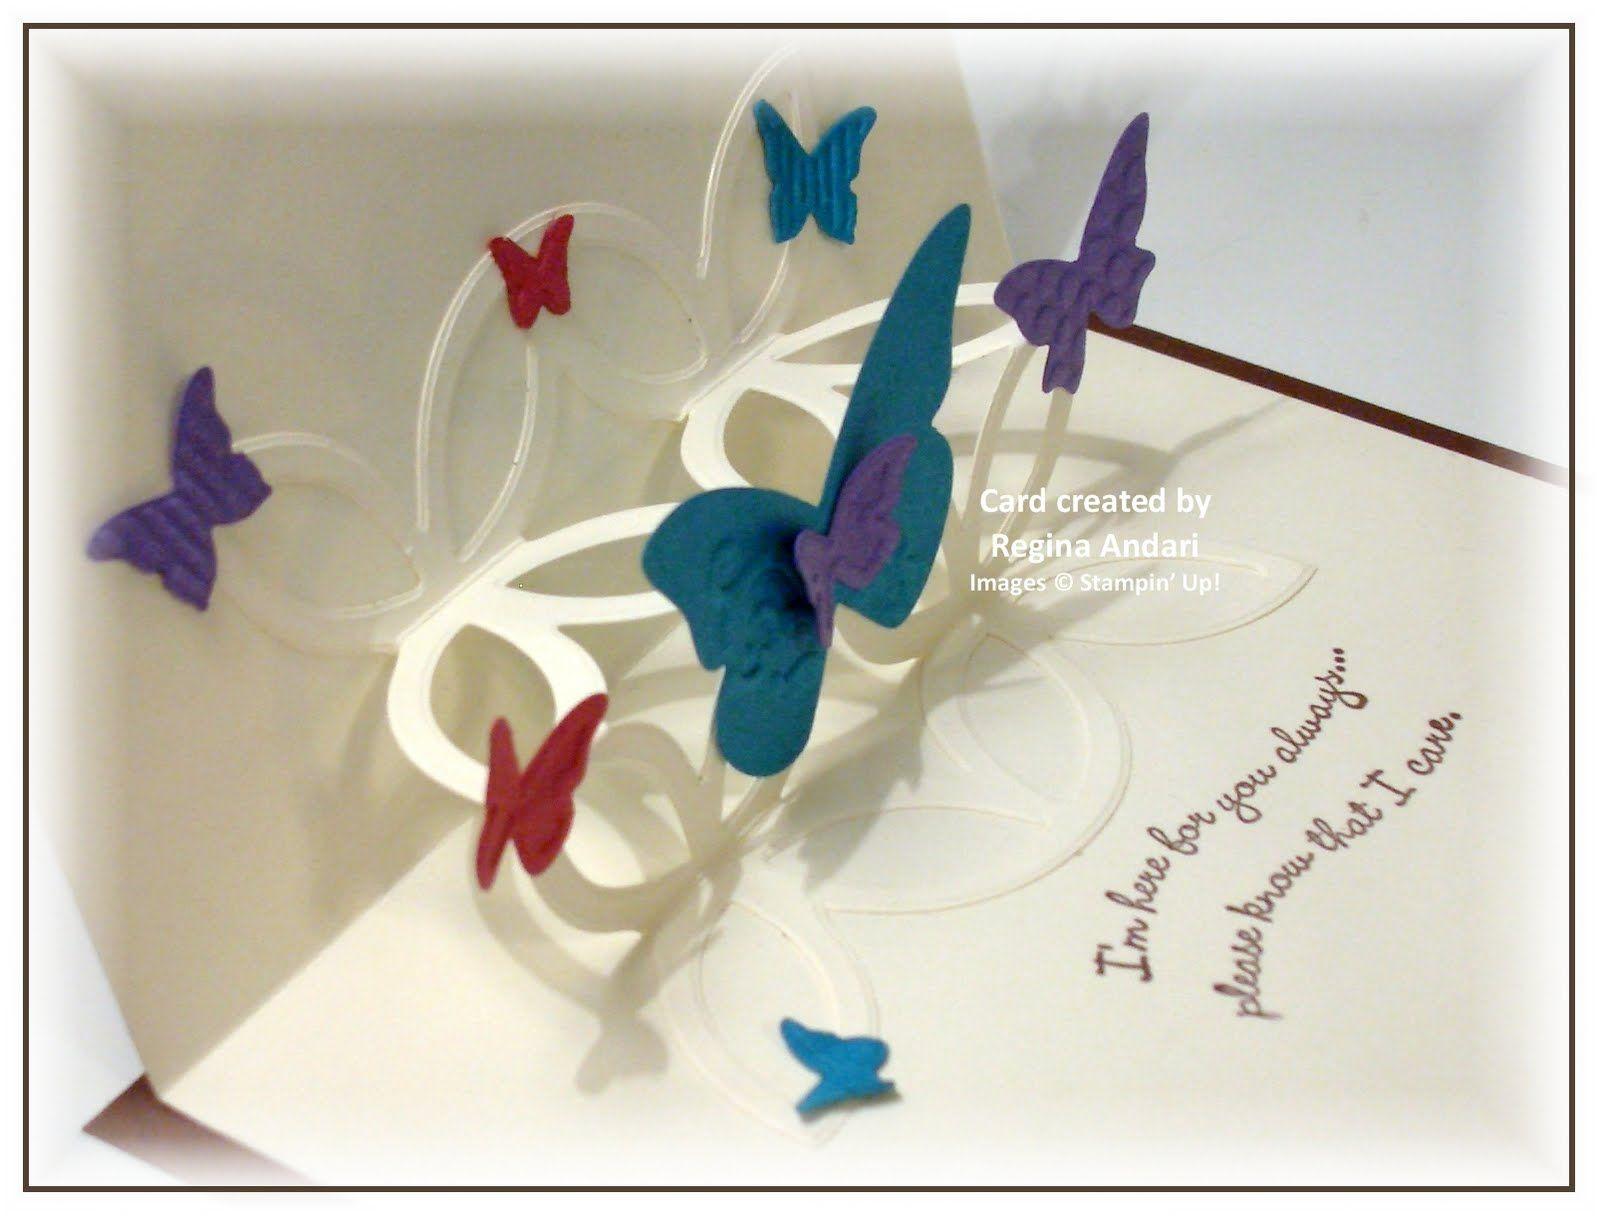 Днем рождения, объемная открытка своими руками с бабочками